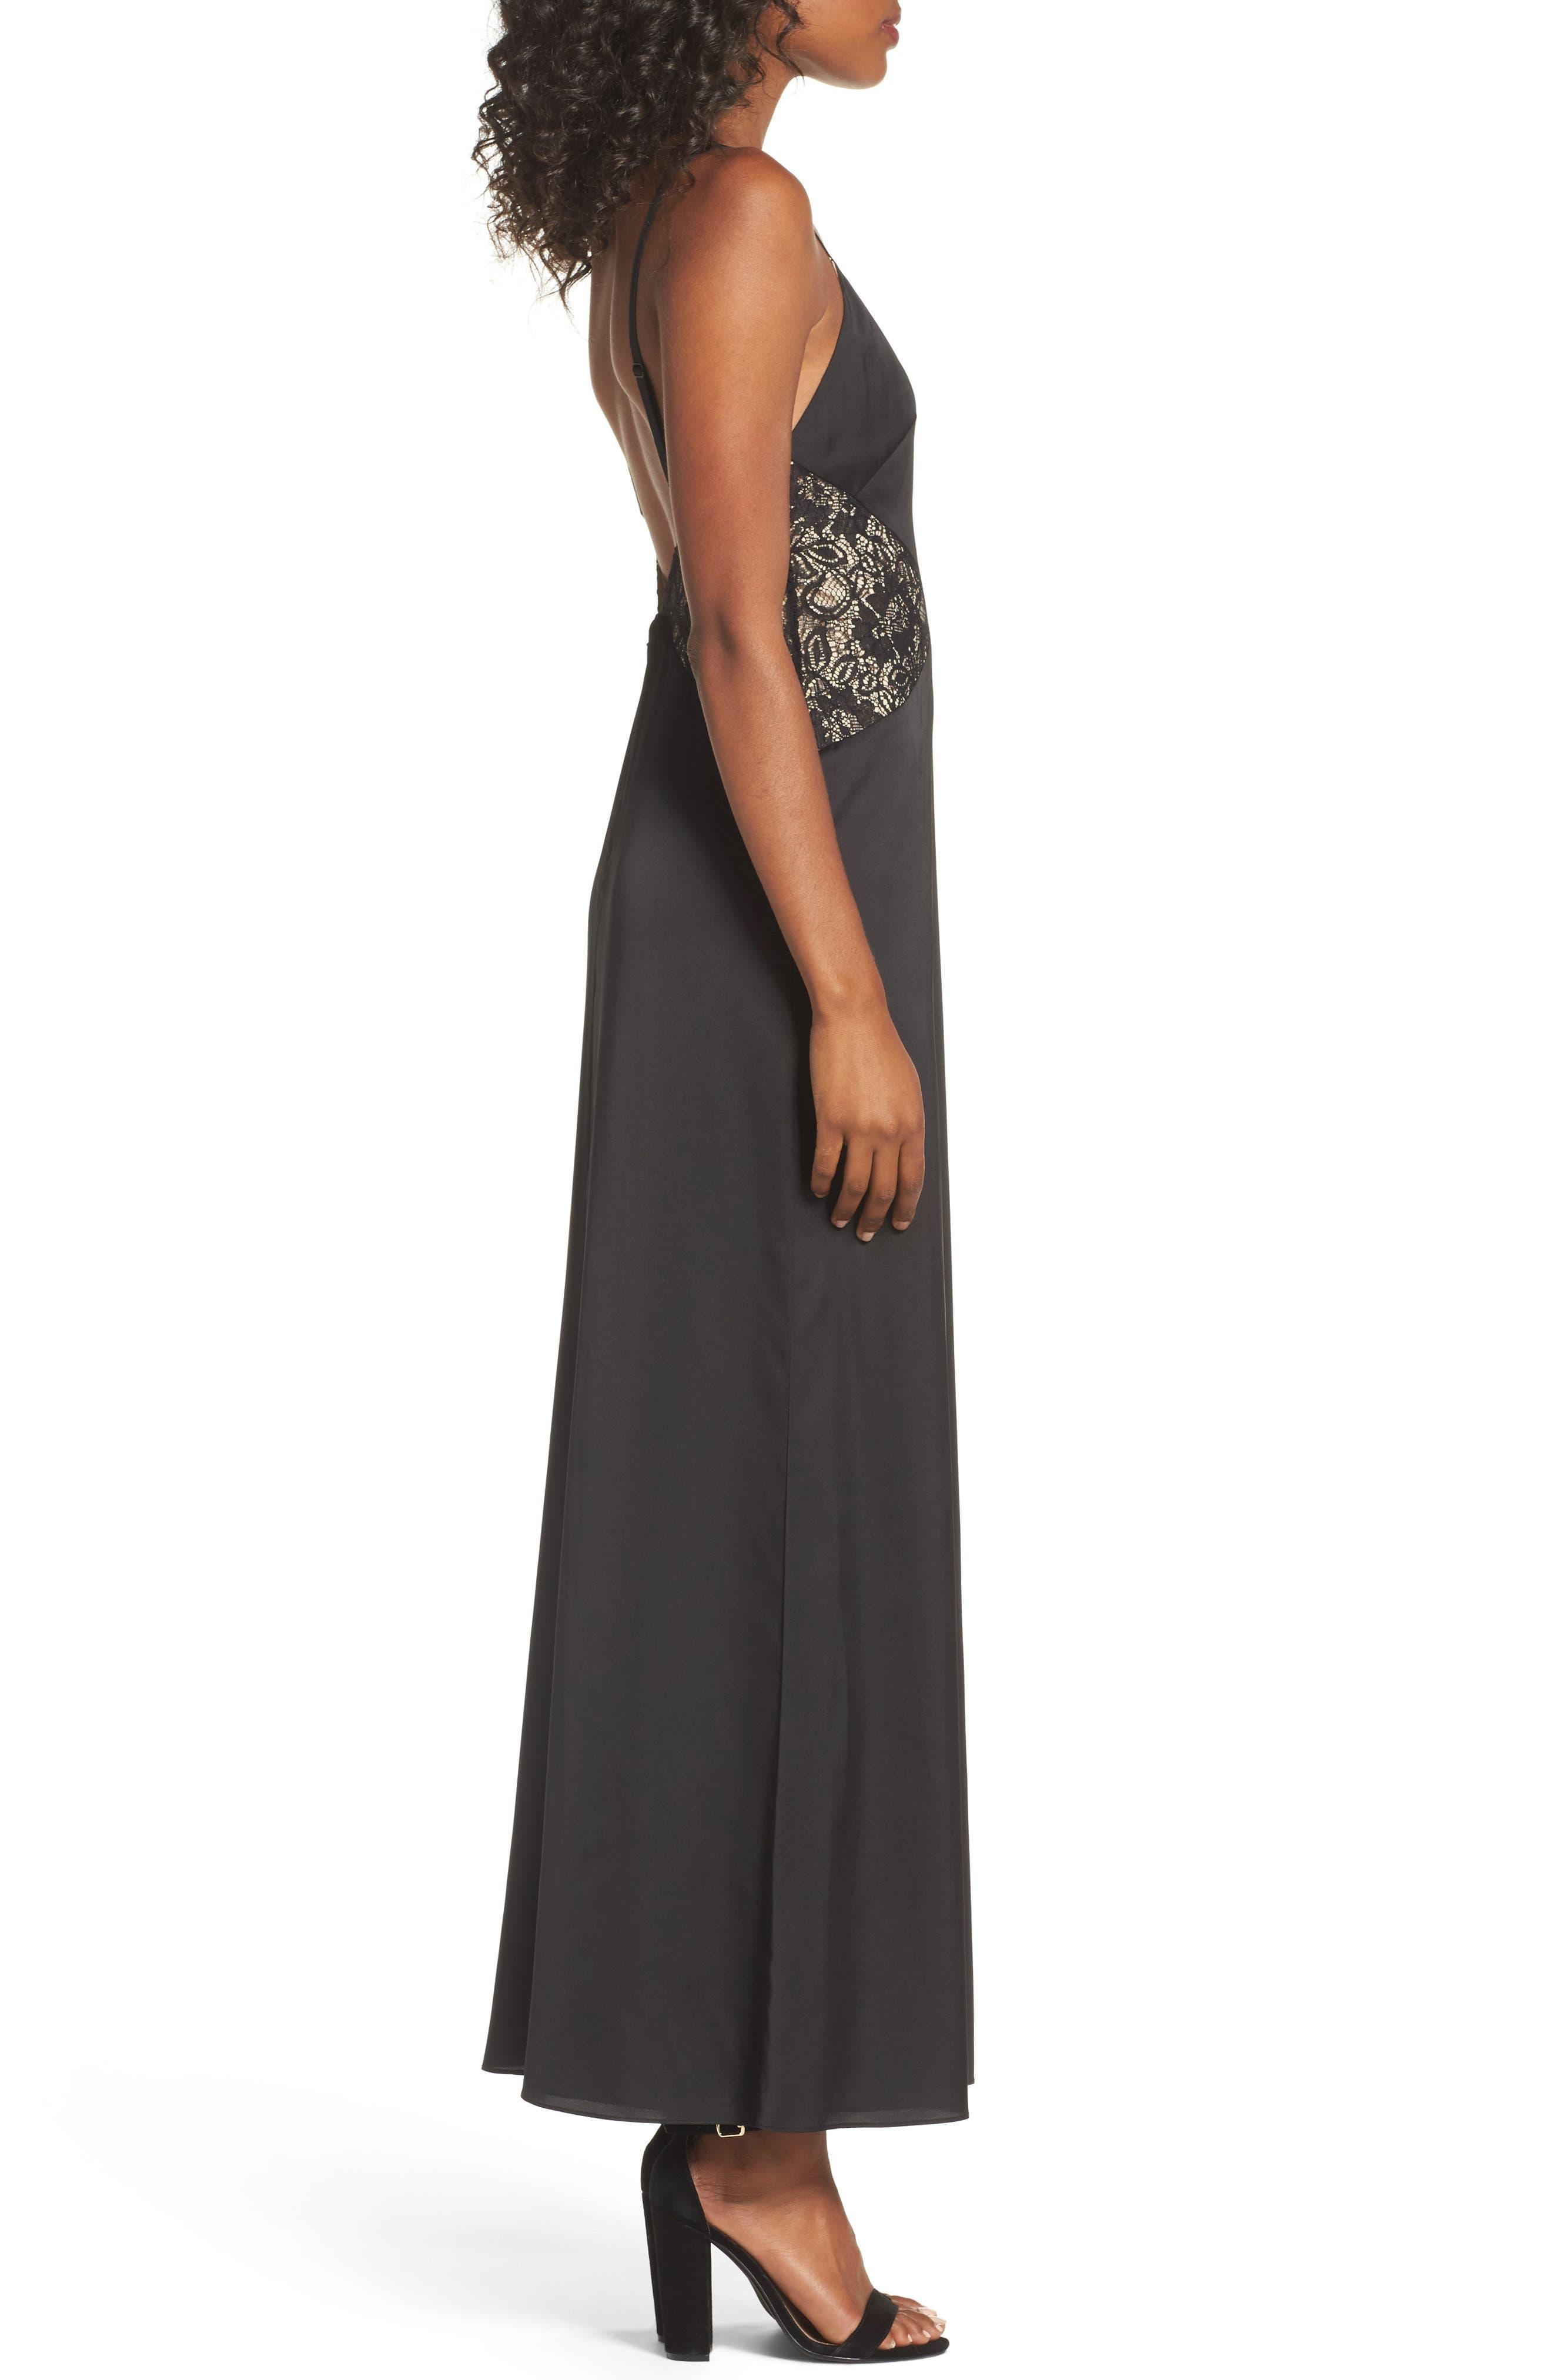 Femme Fatale Slip Dress,                             Alternate thumbnail 4, color,                             Black